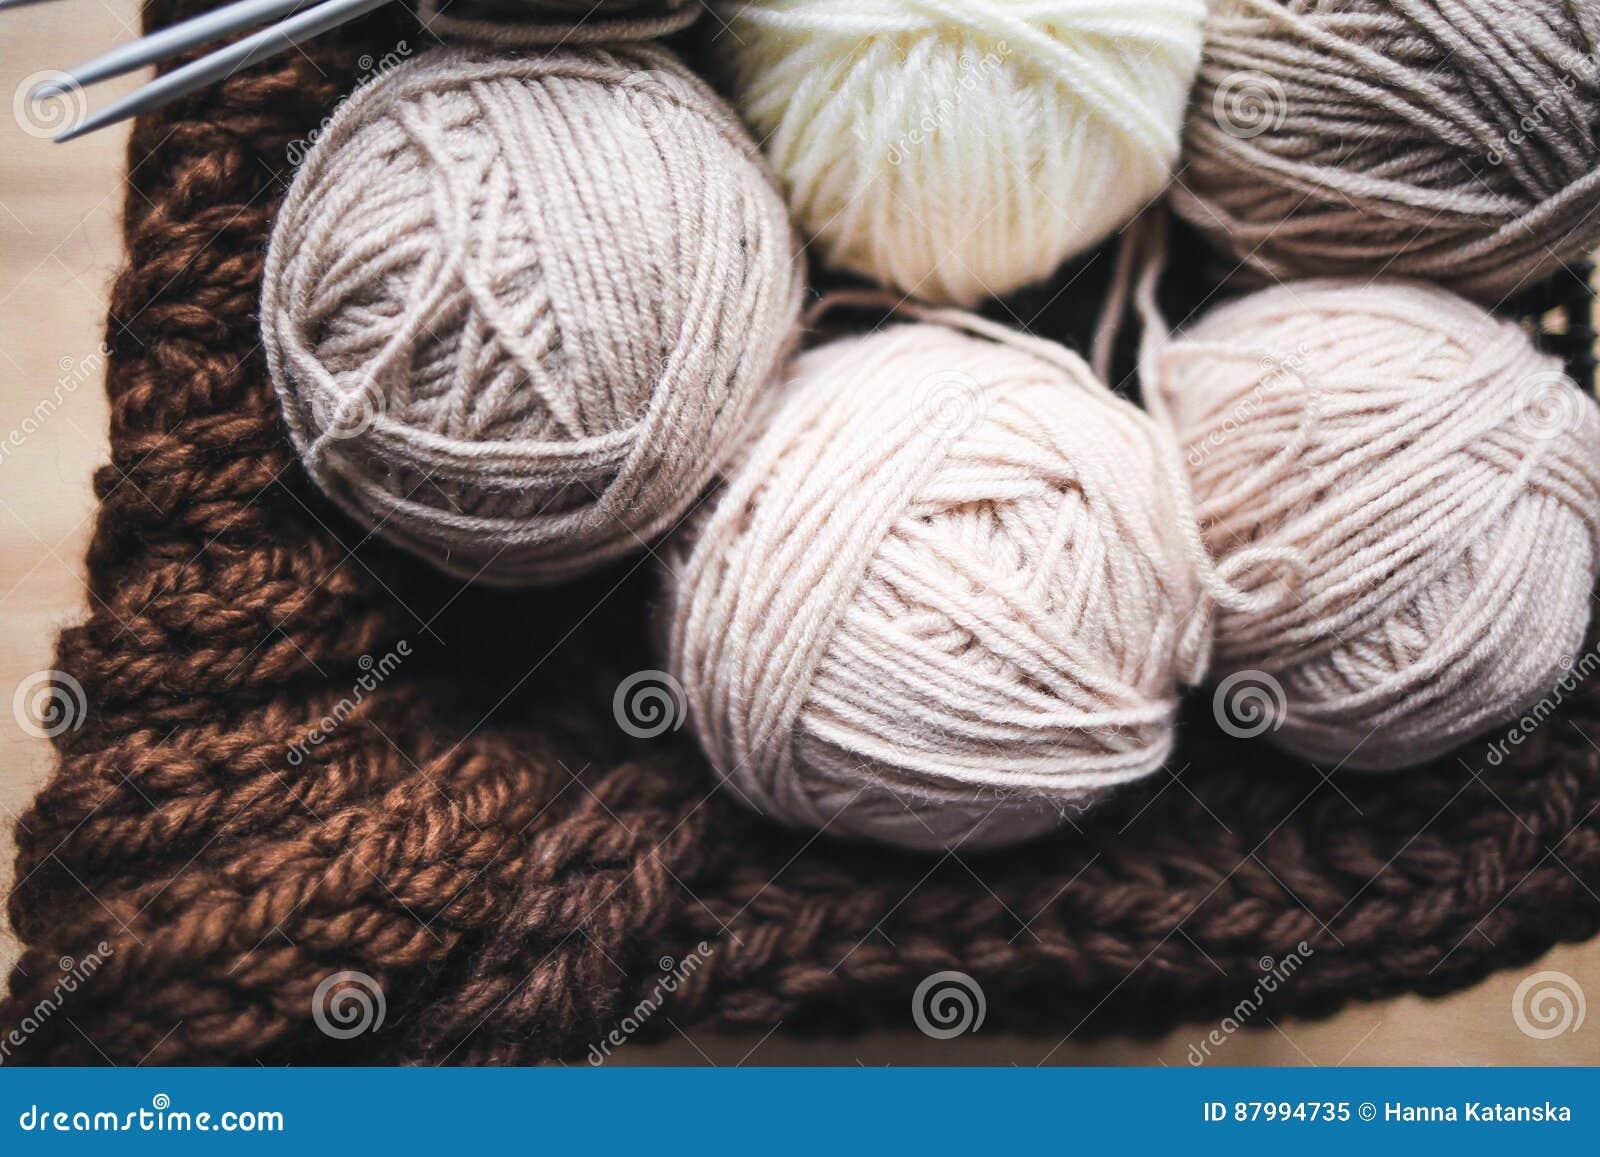 El hilado beige, las agujas que hacen punto y una bufanda marrón están en la cesta